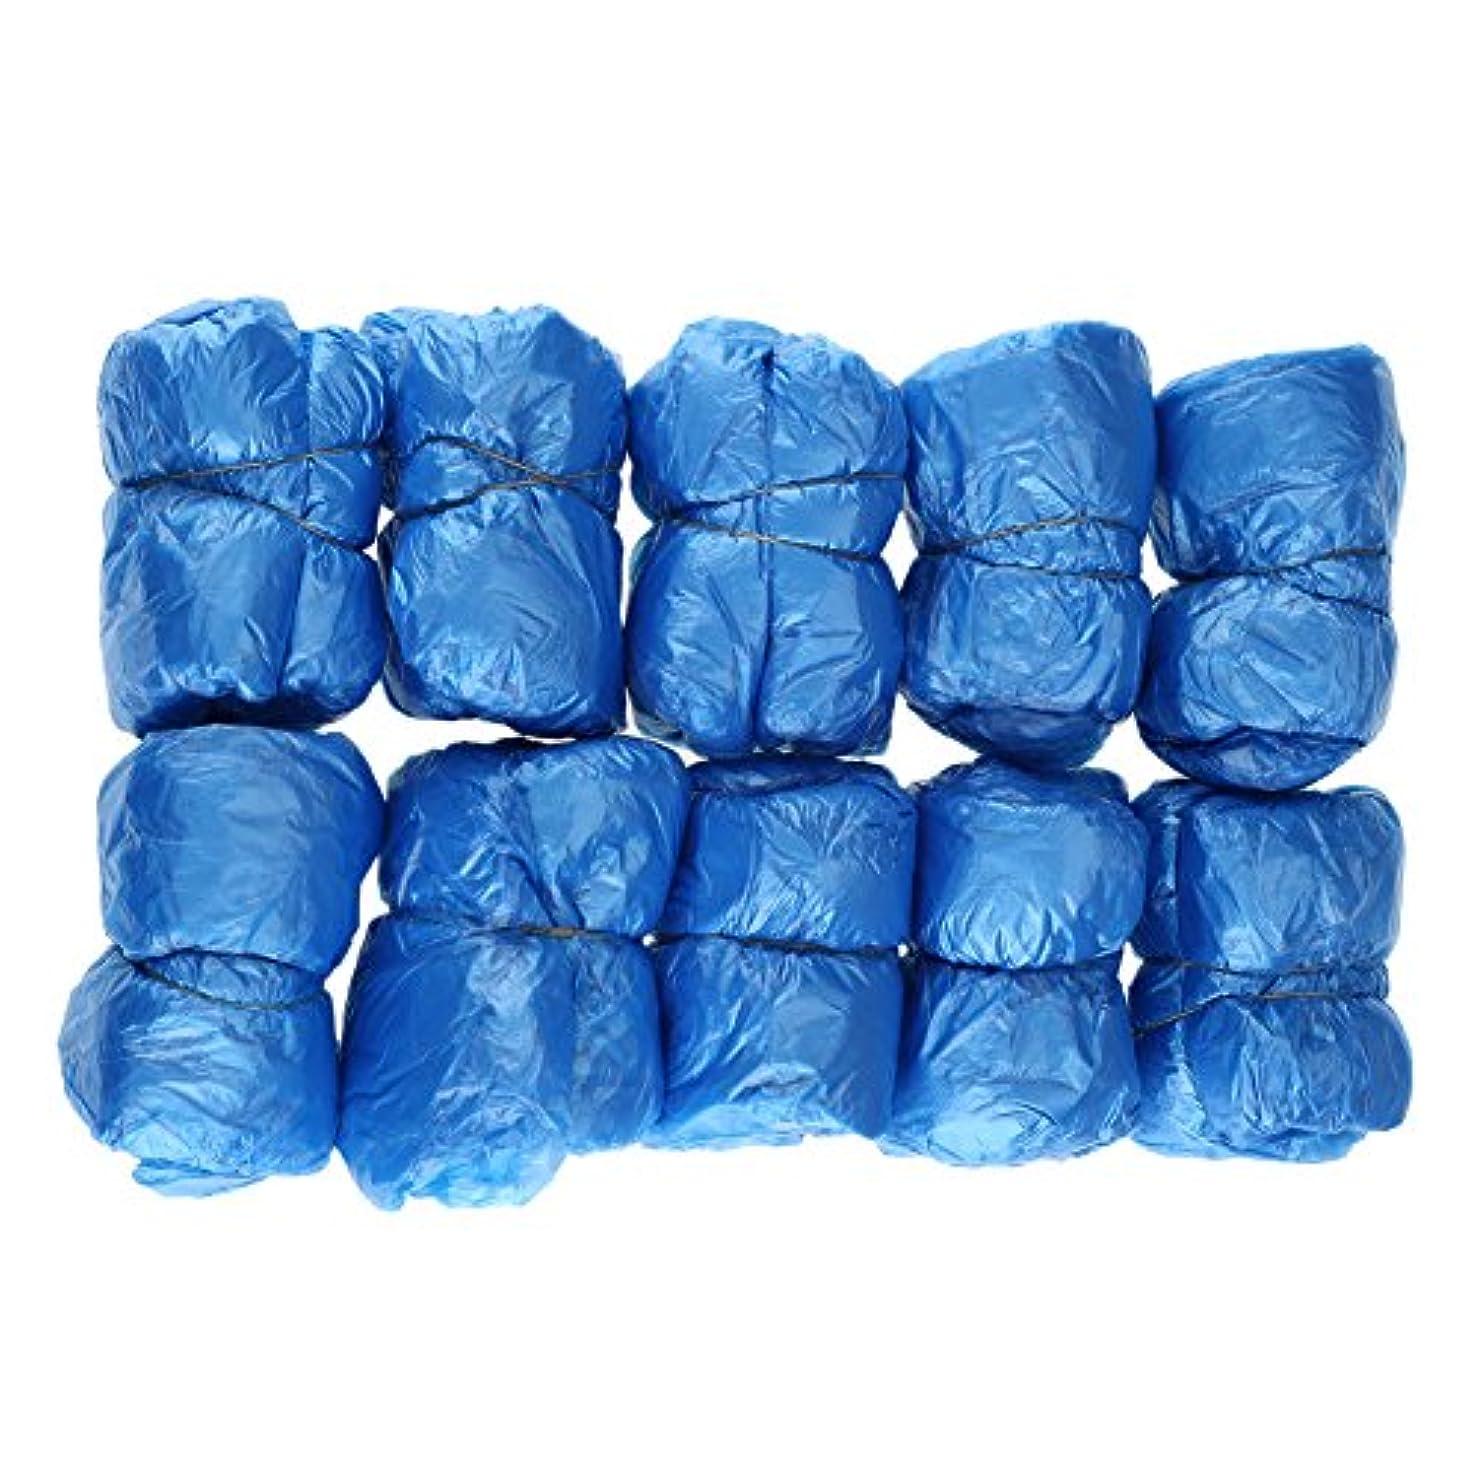 行き当たりばったりチューインガムピアノ100枚入 使い捨て靴カバー シューズカバー 靴カバー サイズフリー簡単 便利 衛生 家庭用品 ブルー